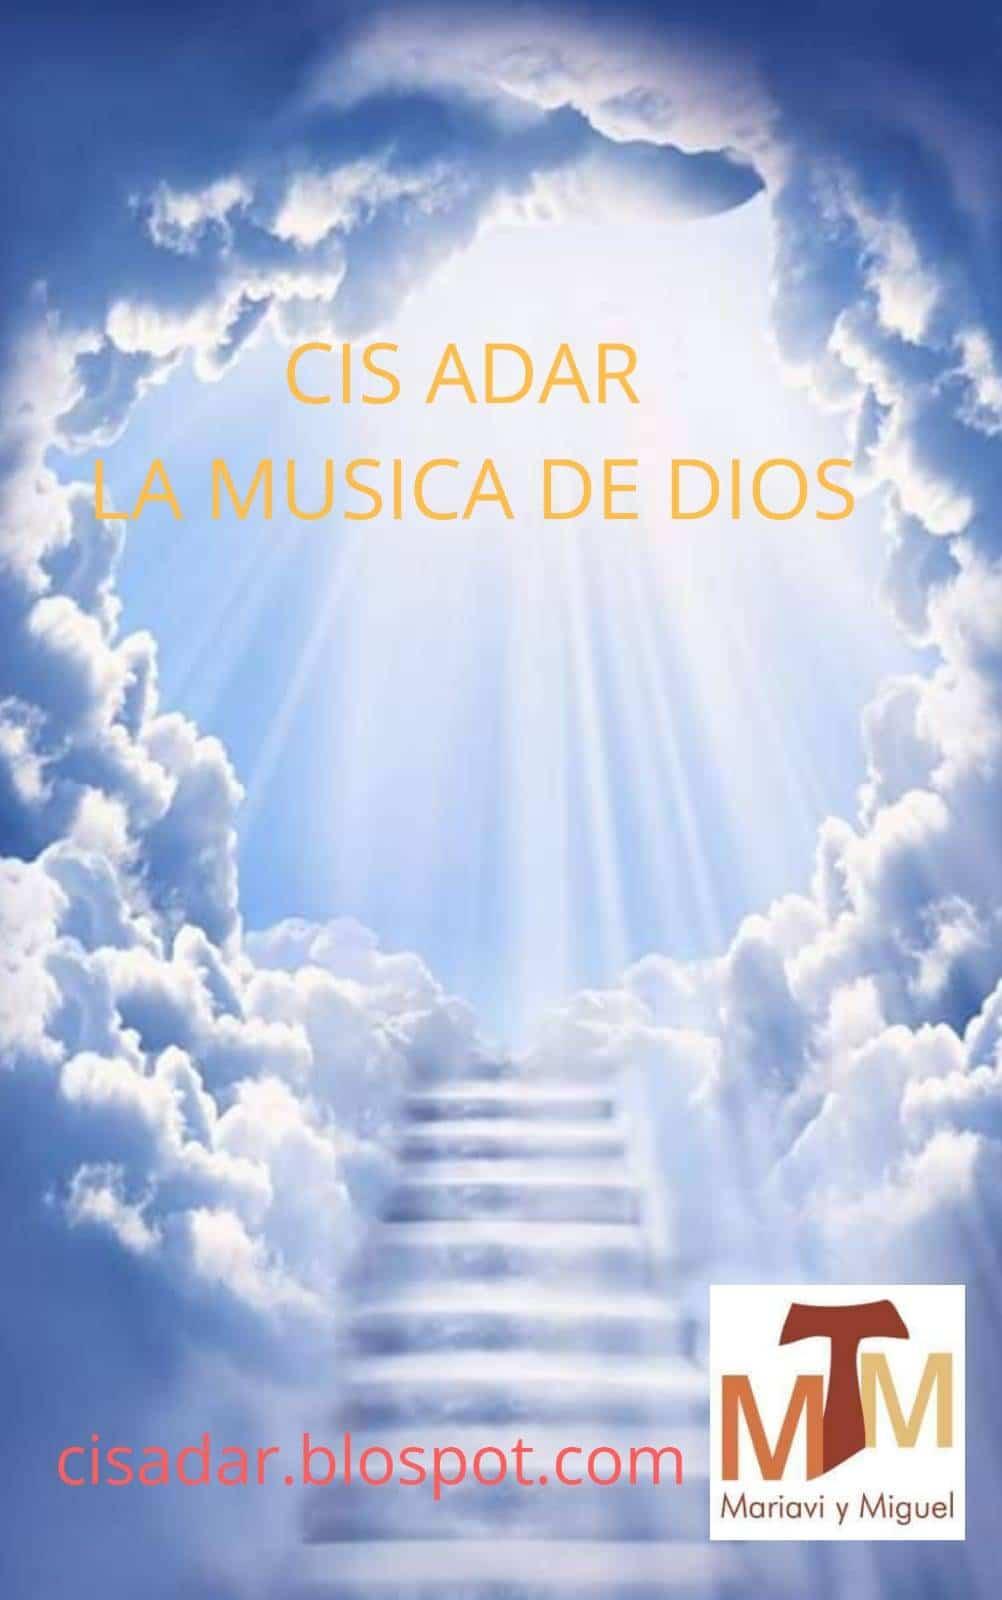 Miguel y Mariavi Cis Adar1 - Miguel y Mariavi ofrecerán un recital de su último disco en Villarta de San Juan